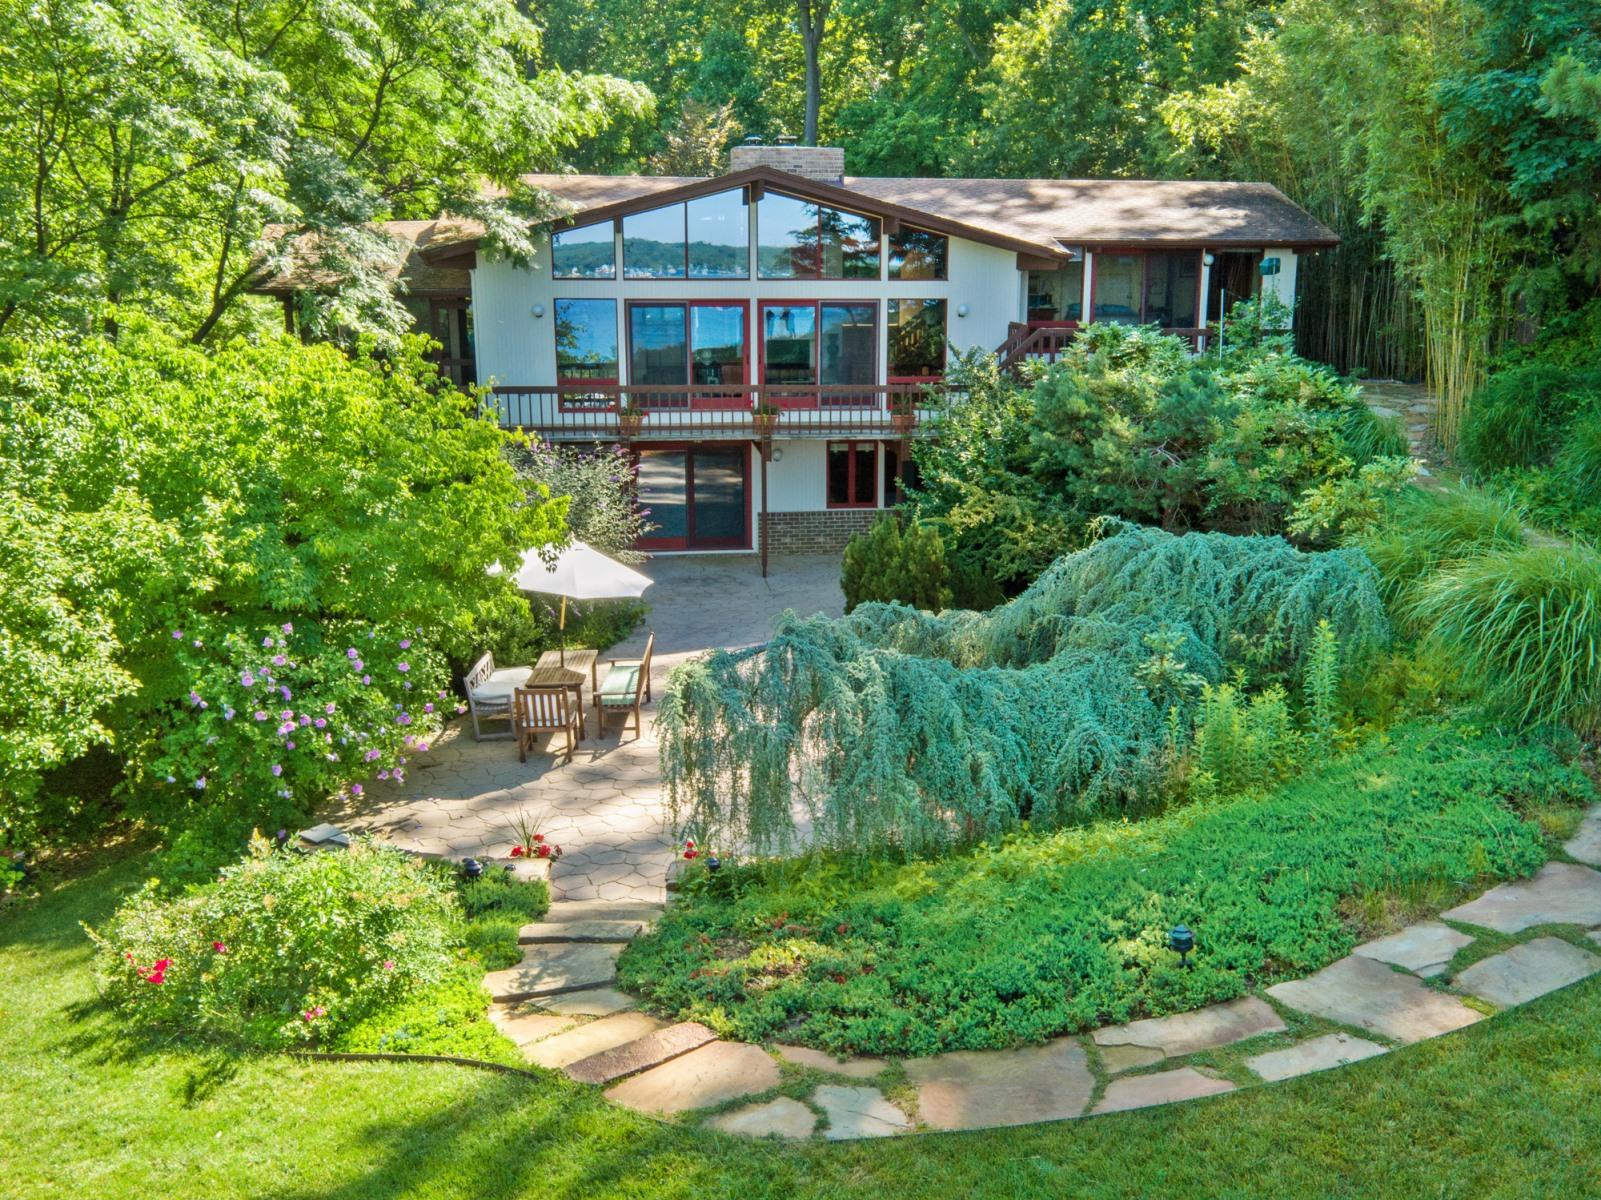 Maison unifamiliale pour l Vente à 640 Magothy Road, Gibson Island 640 Magothy Rd Gibson Island, Maryland 21056 États-Unis